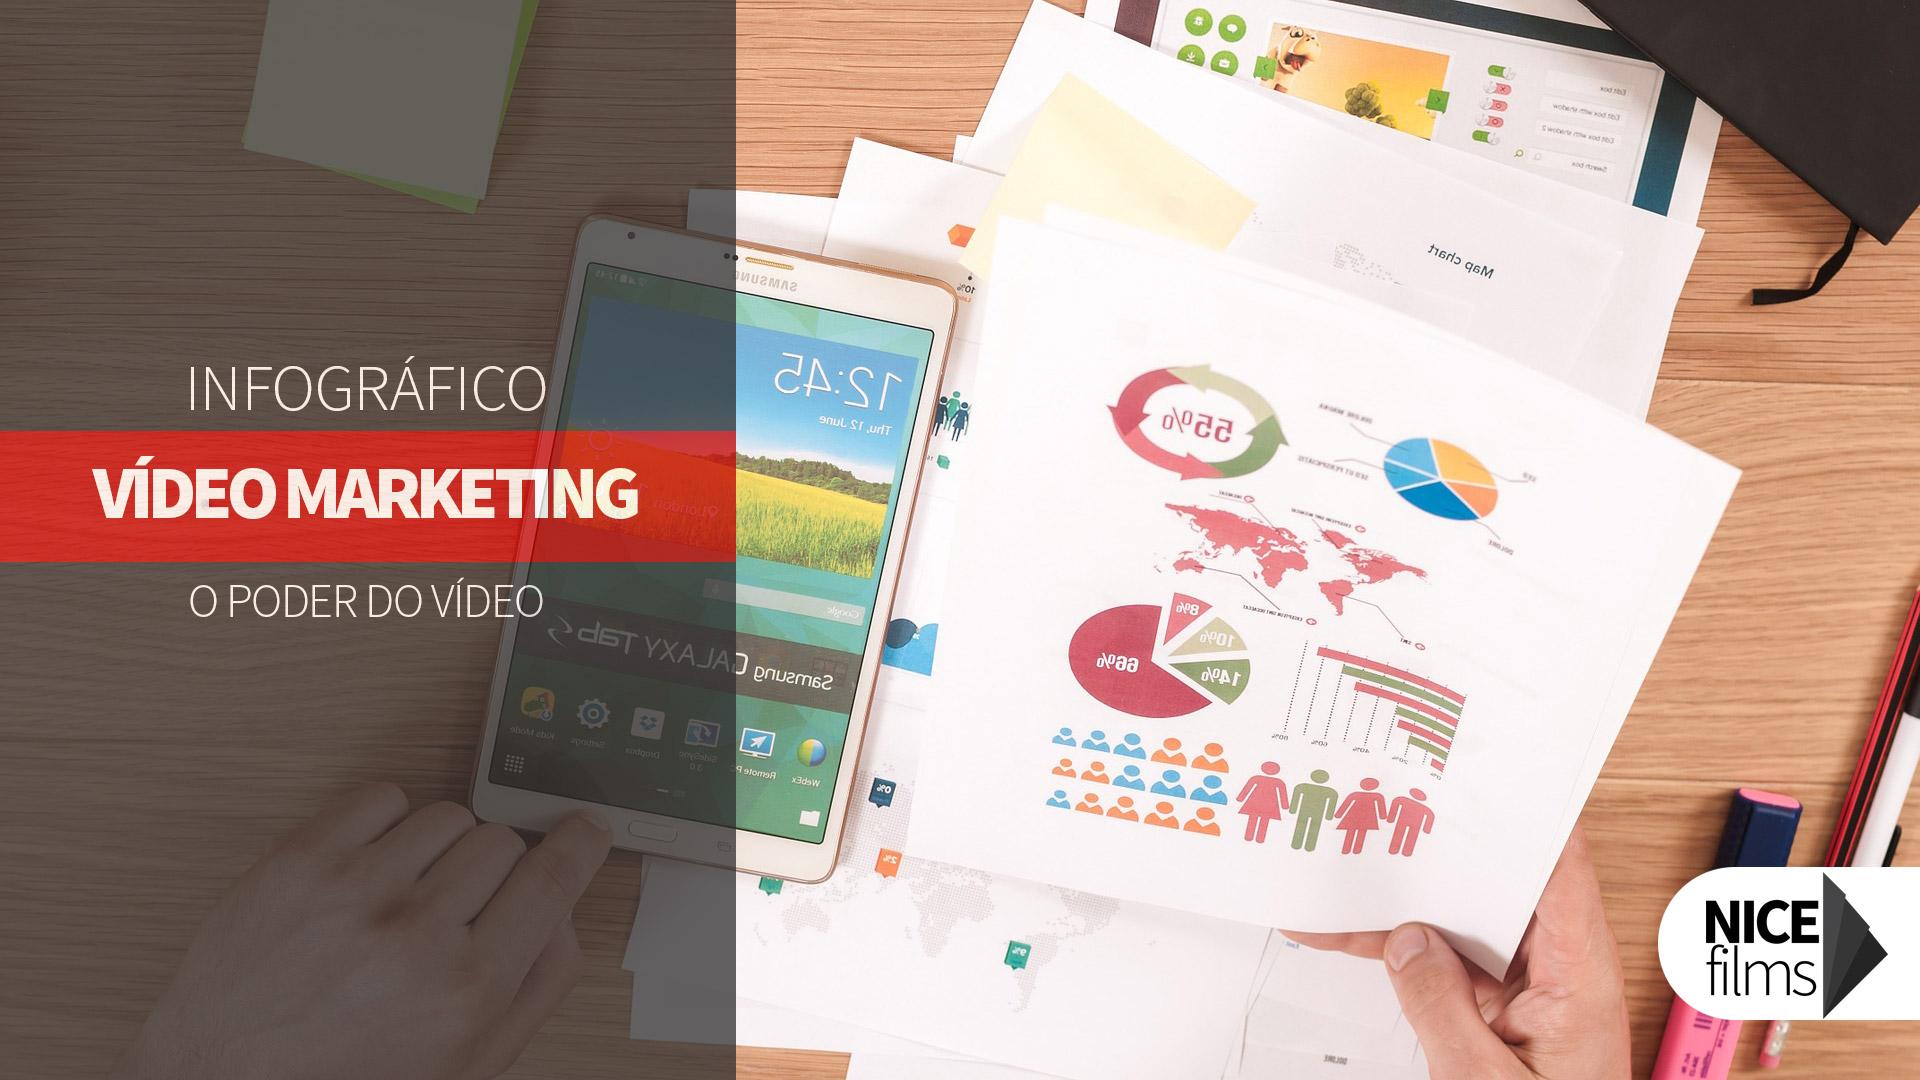 Infográfico Vídeo Marketing poder do vídeo